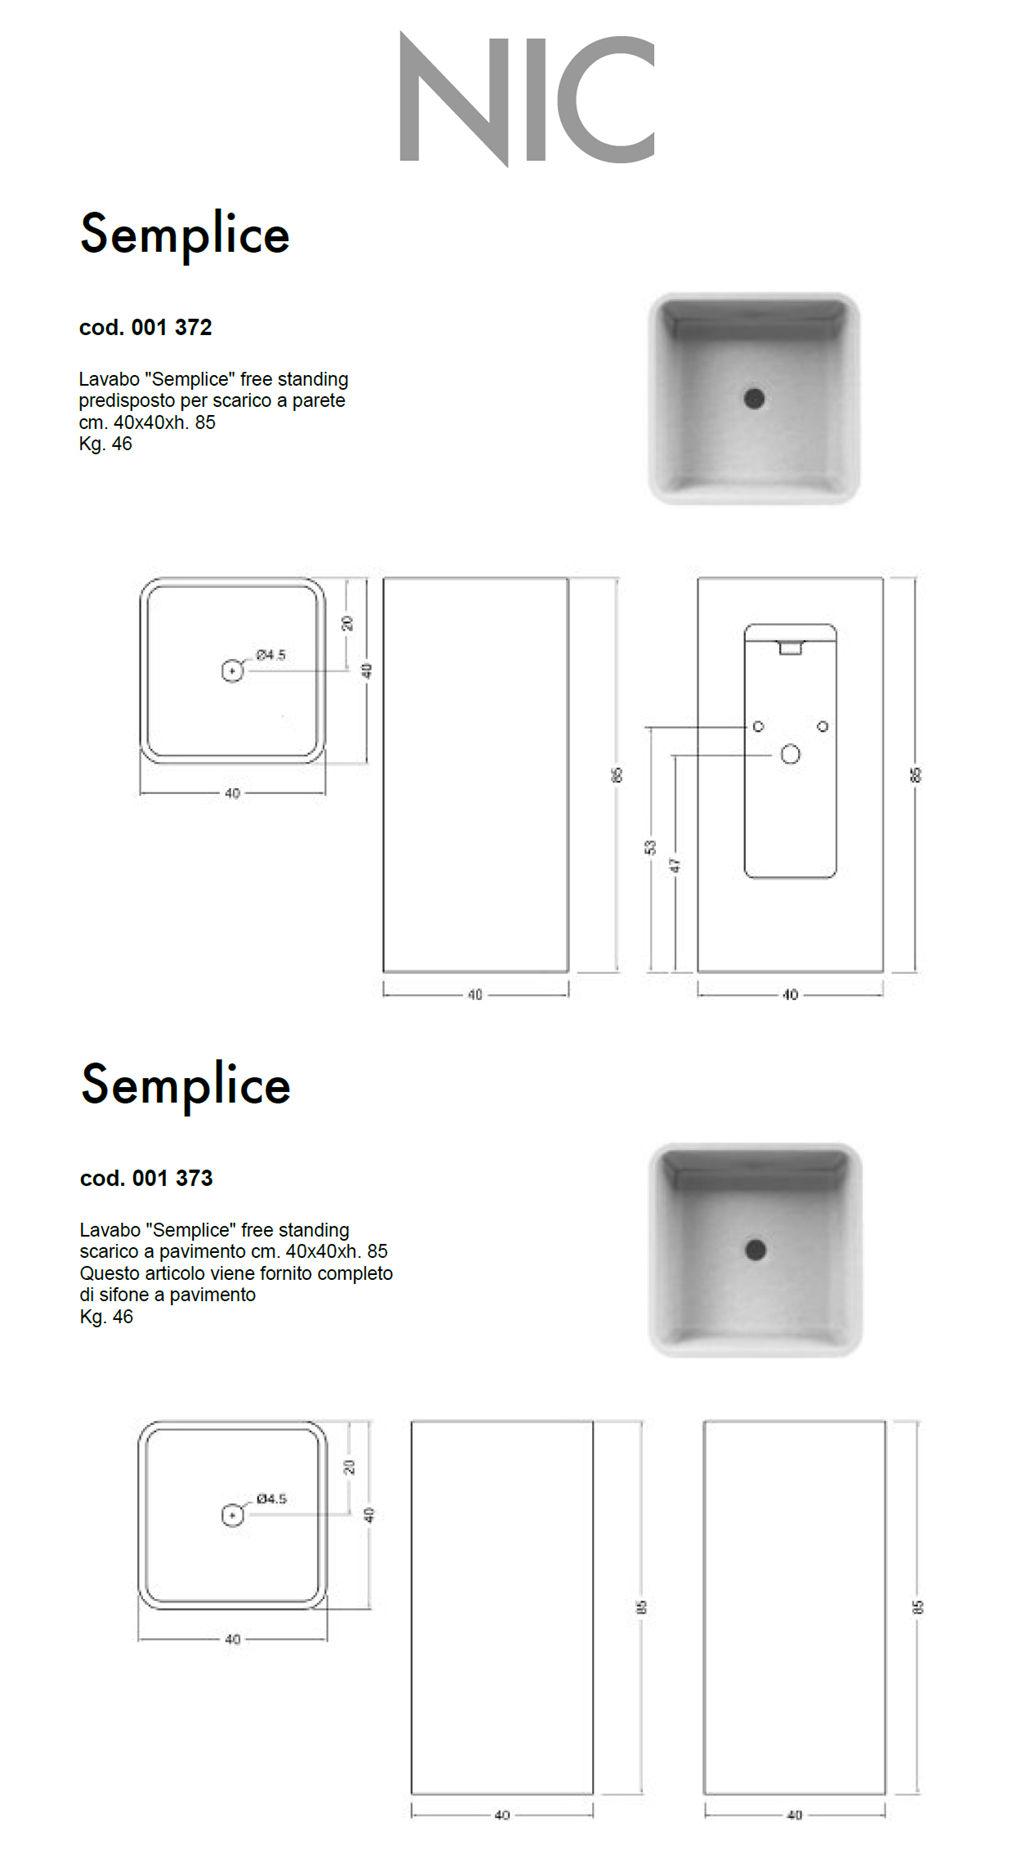 fiche technique lavabo au sol nic design semplice free standing